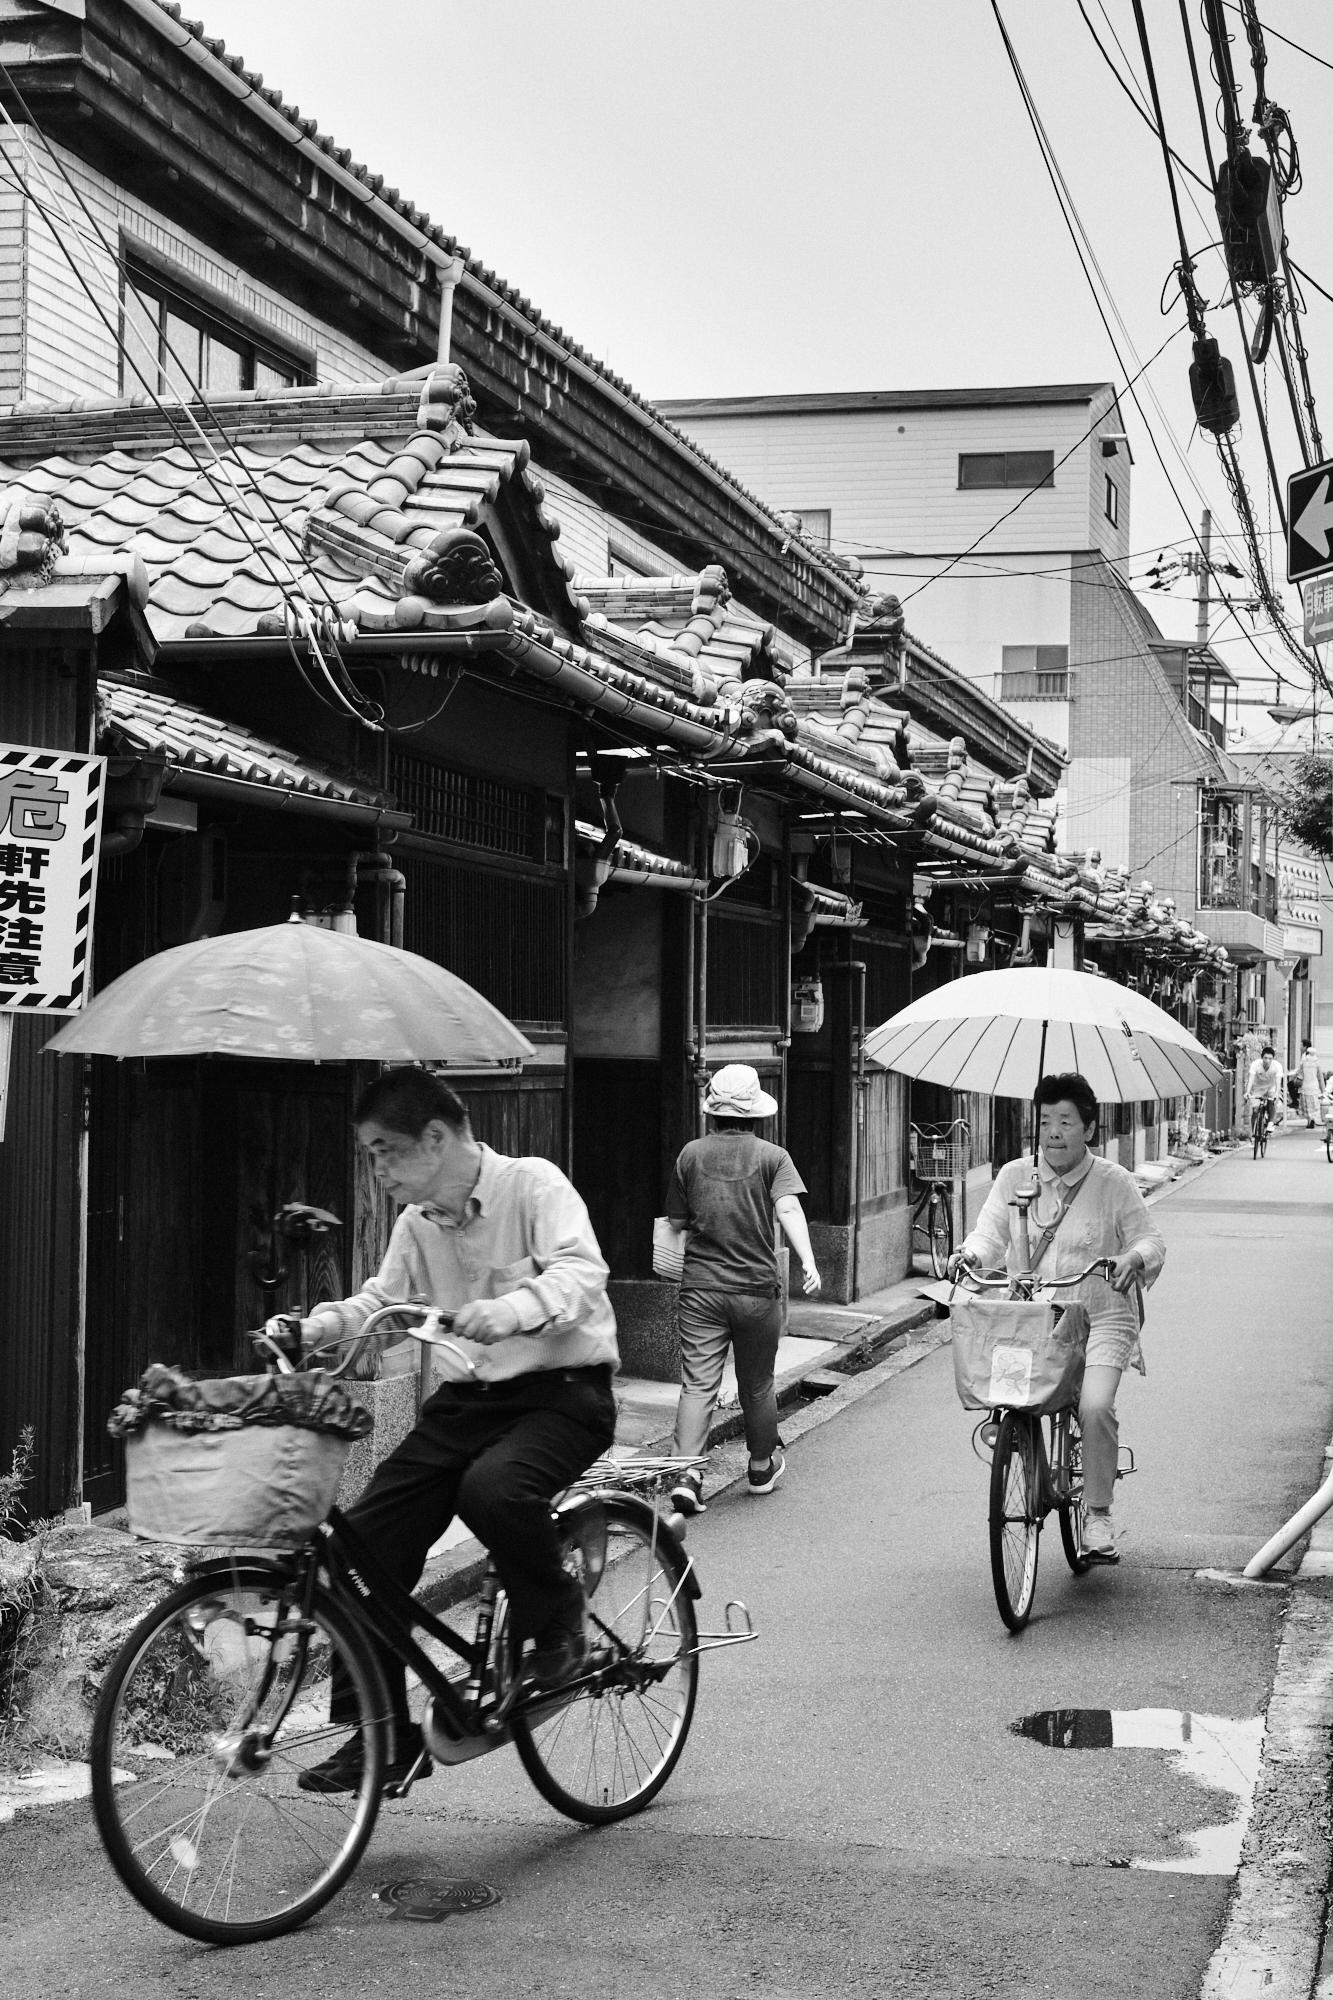 2019-07-28_Balade-Osaka_35.jpg